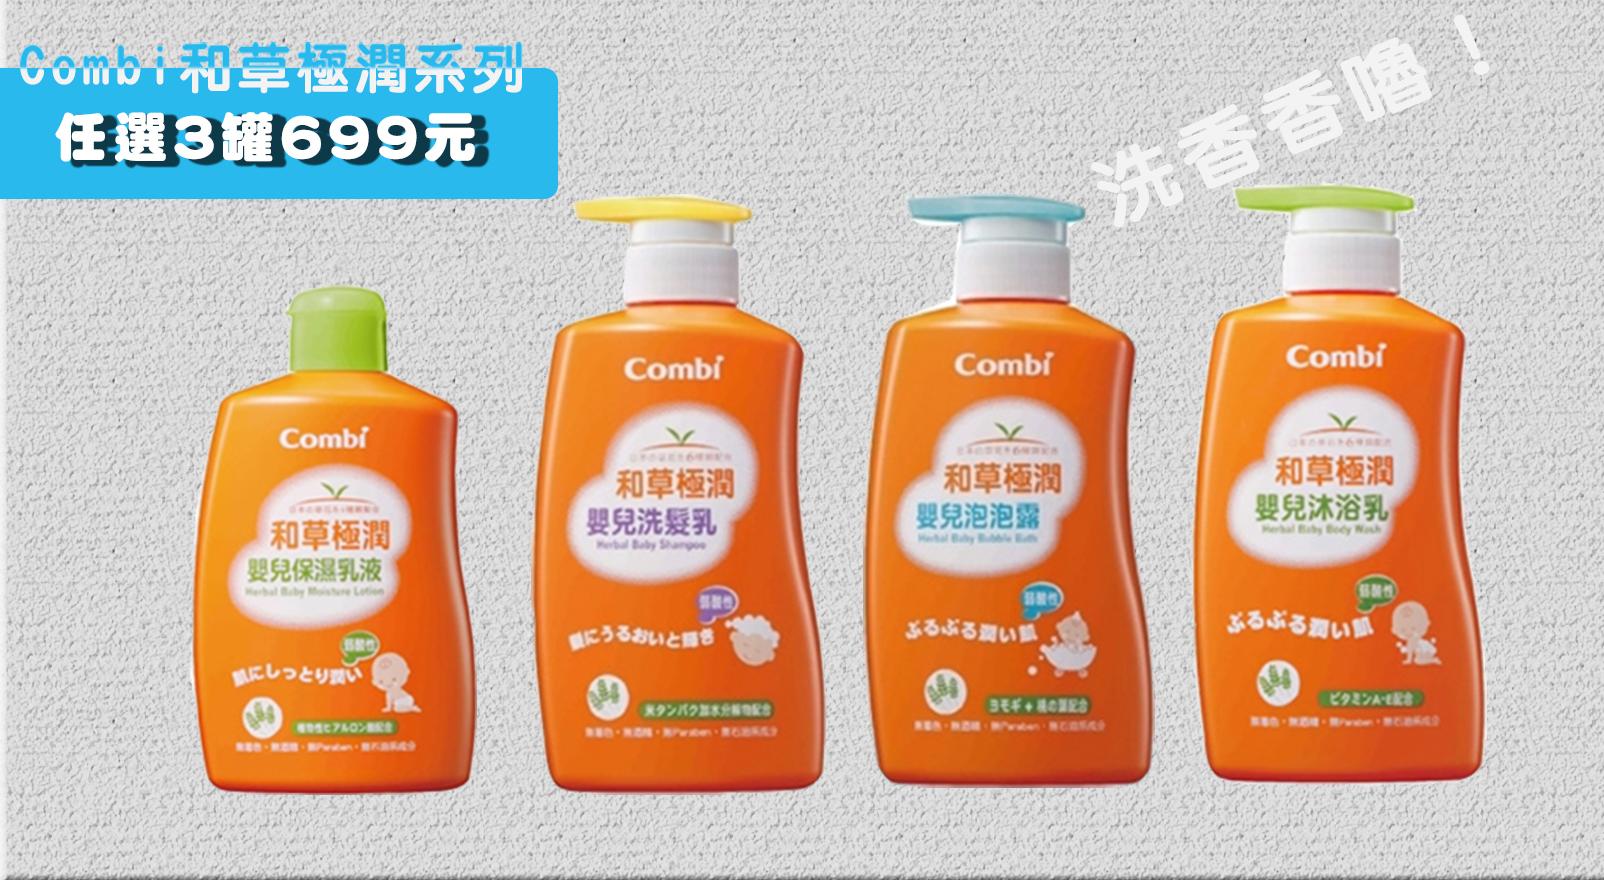 COMBI康貝和風吉極潤系列任選3罐699元